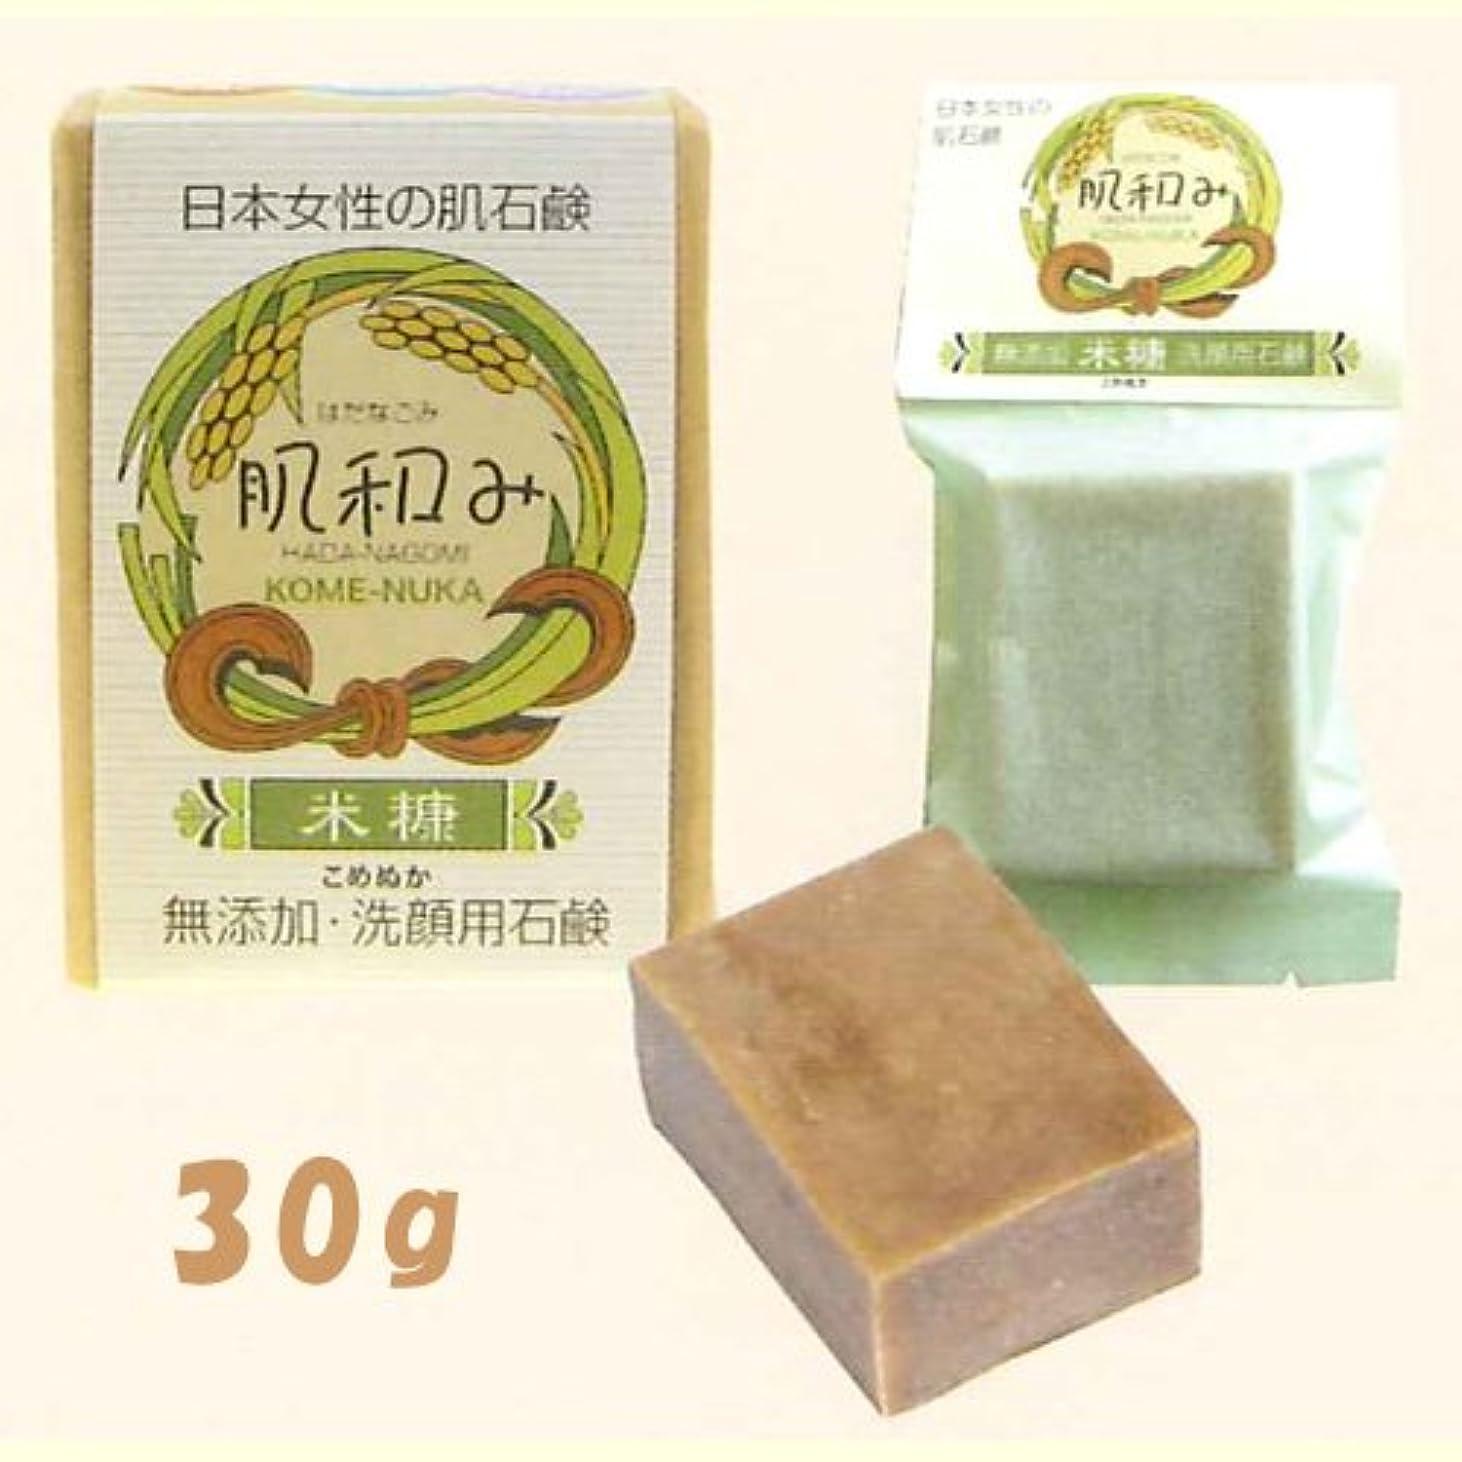 プット国尊敬する米糠石鹸 肌和み 無添加ソープ 30g